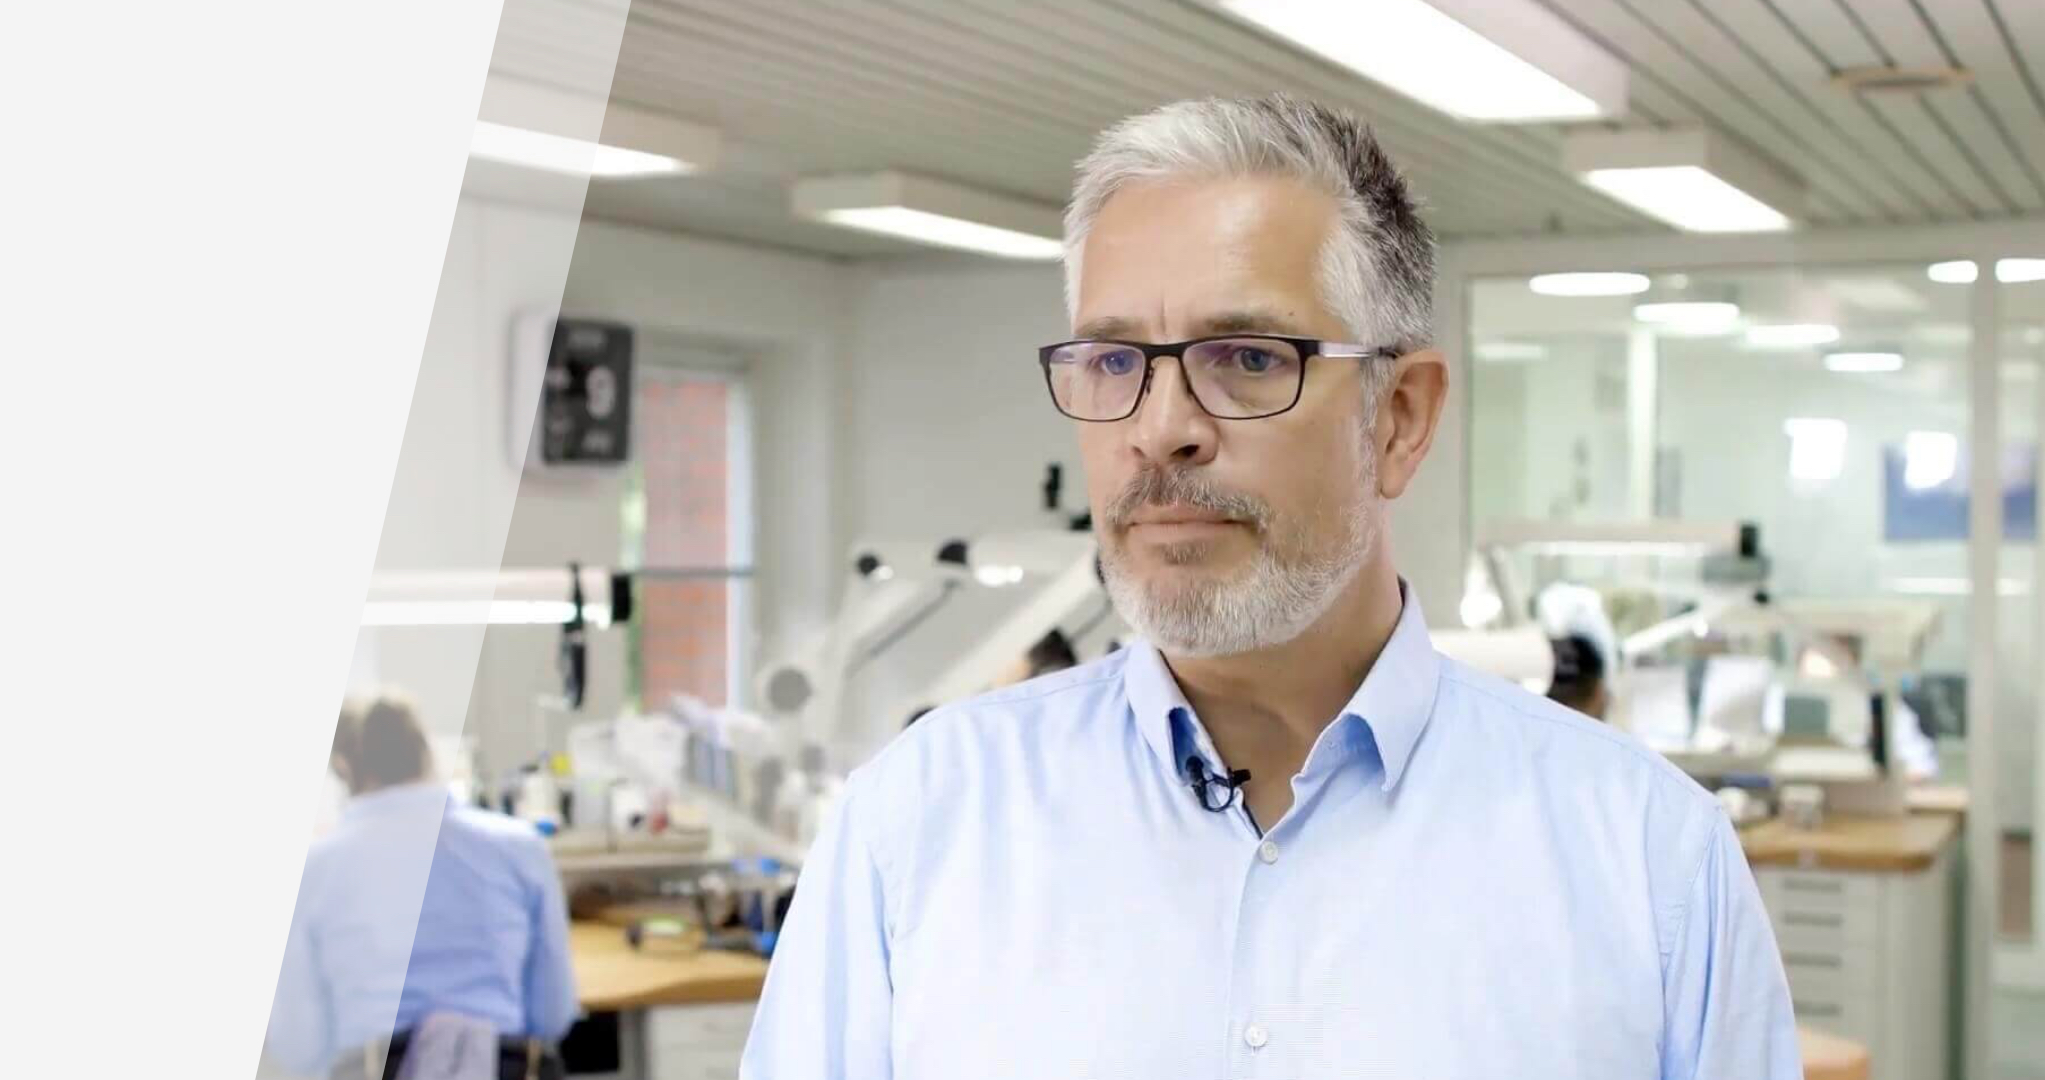 Zahntechniker und Geschäftsführer eines Dentallabors Frank Rauschelbach über die DELABO.GROUP